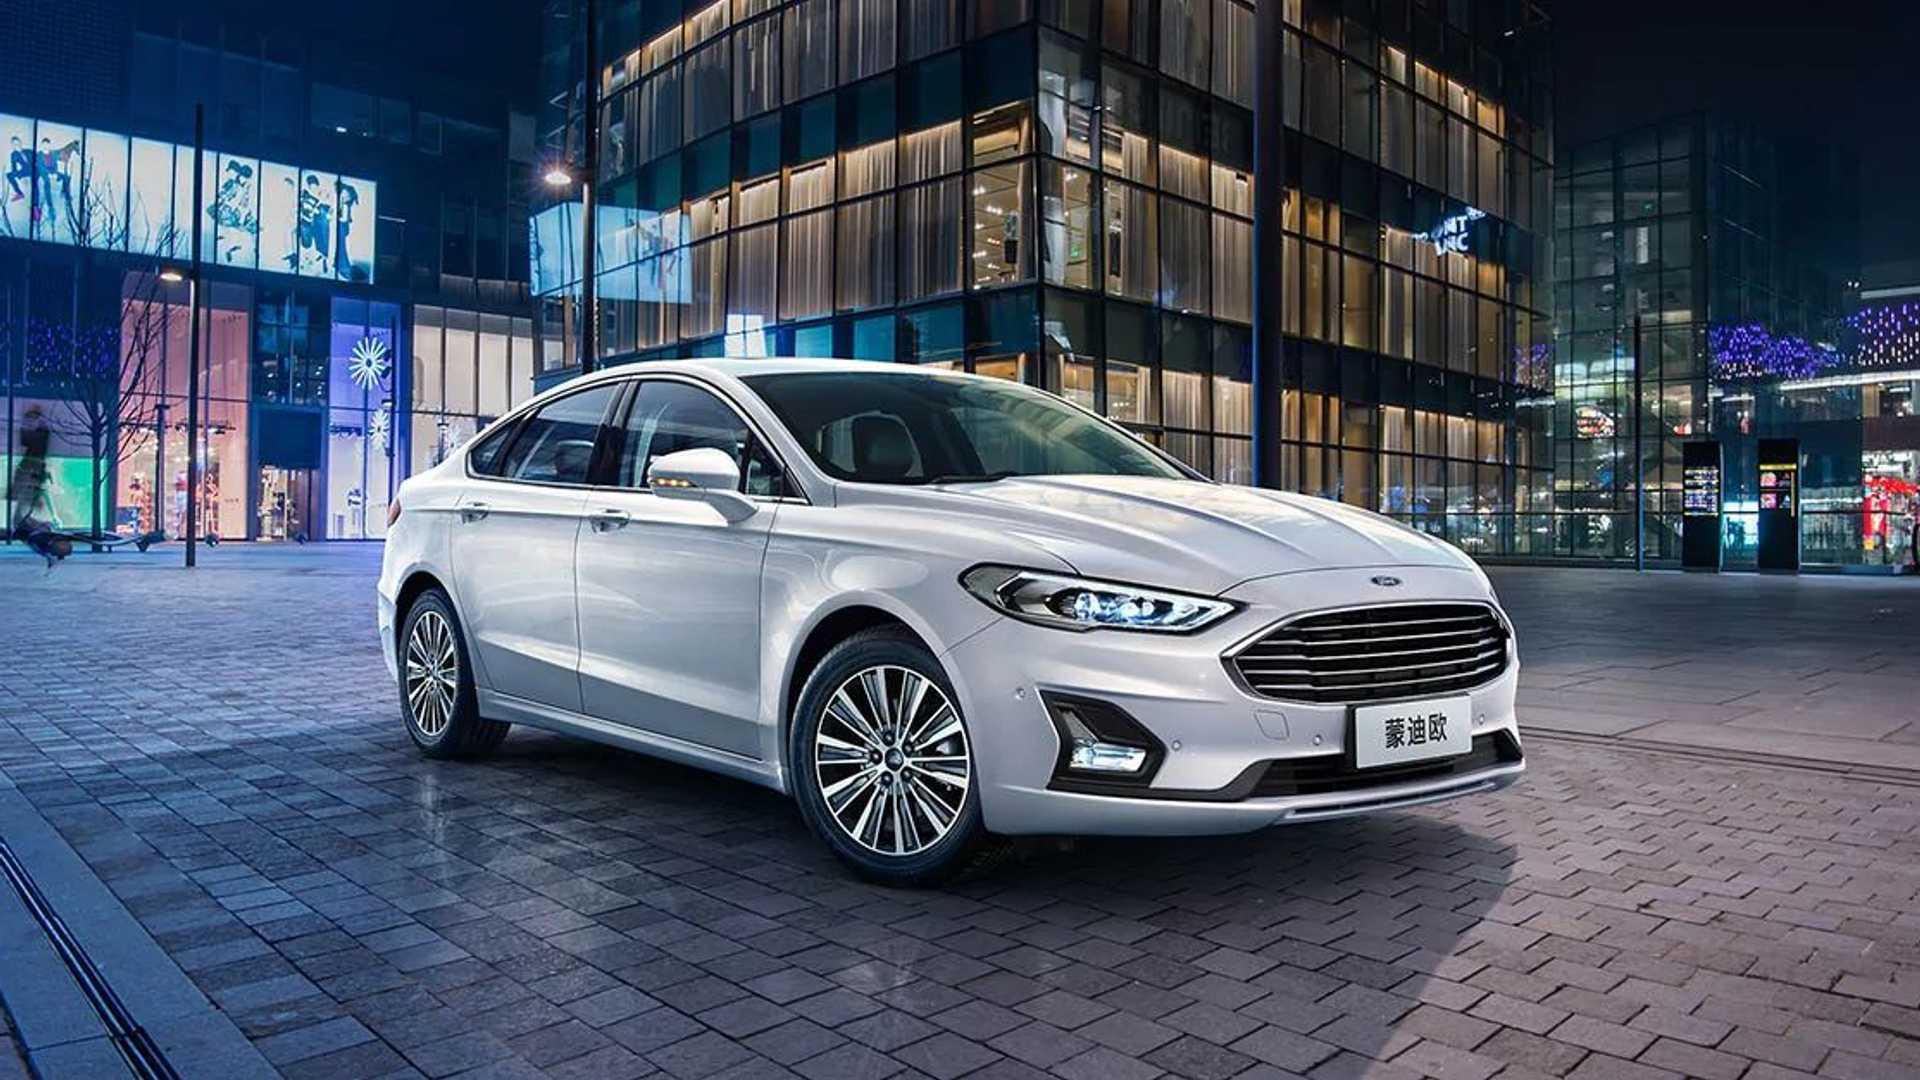 Promozione Ford Mondeo Vignale Hybrid